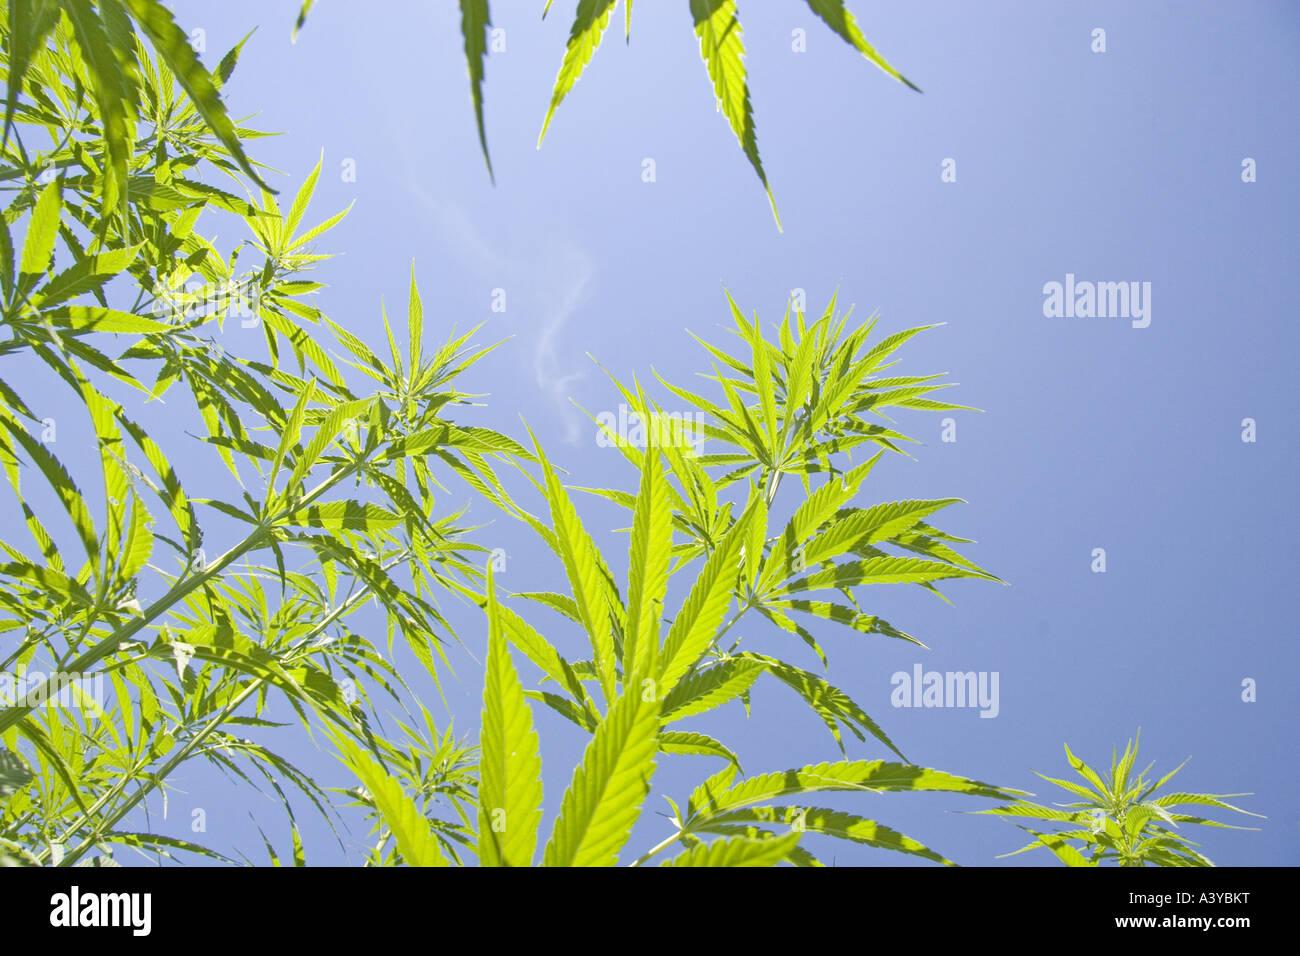 Indian hemp, marijuana, mary jane (Cannabis sativa), in front of the blue sky - Stock Image